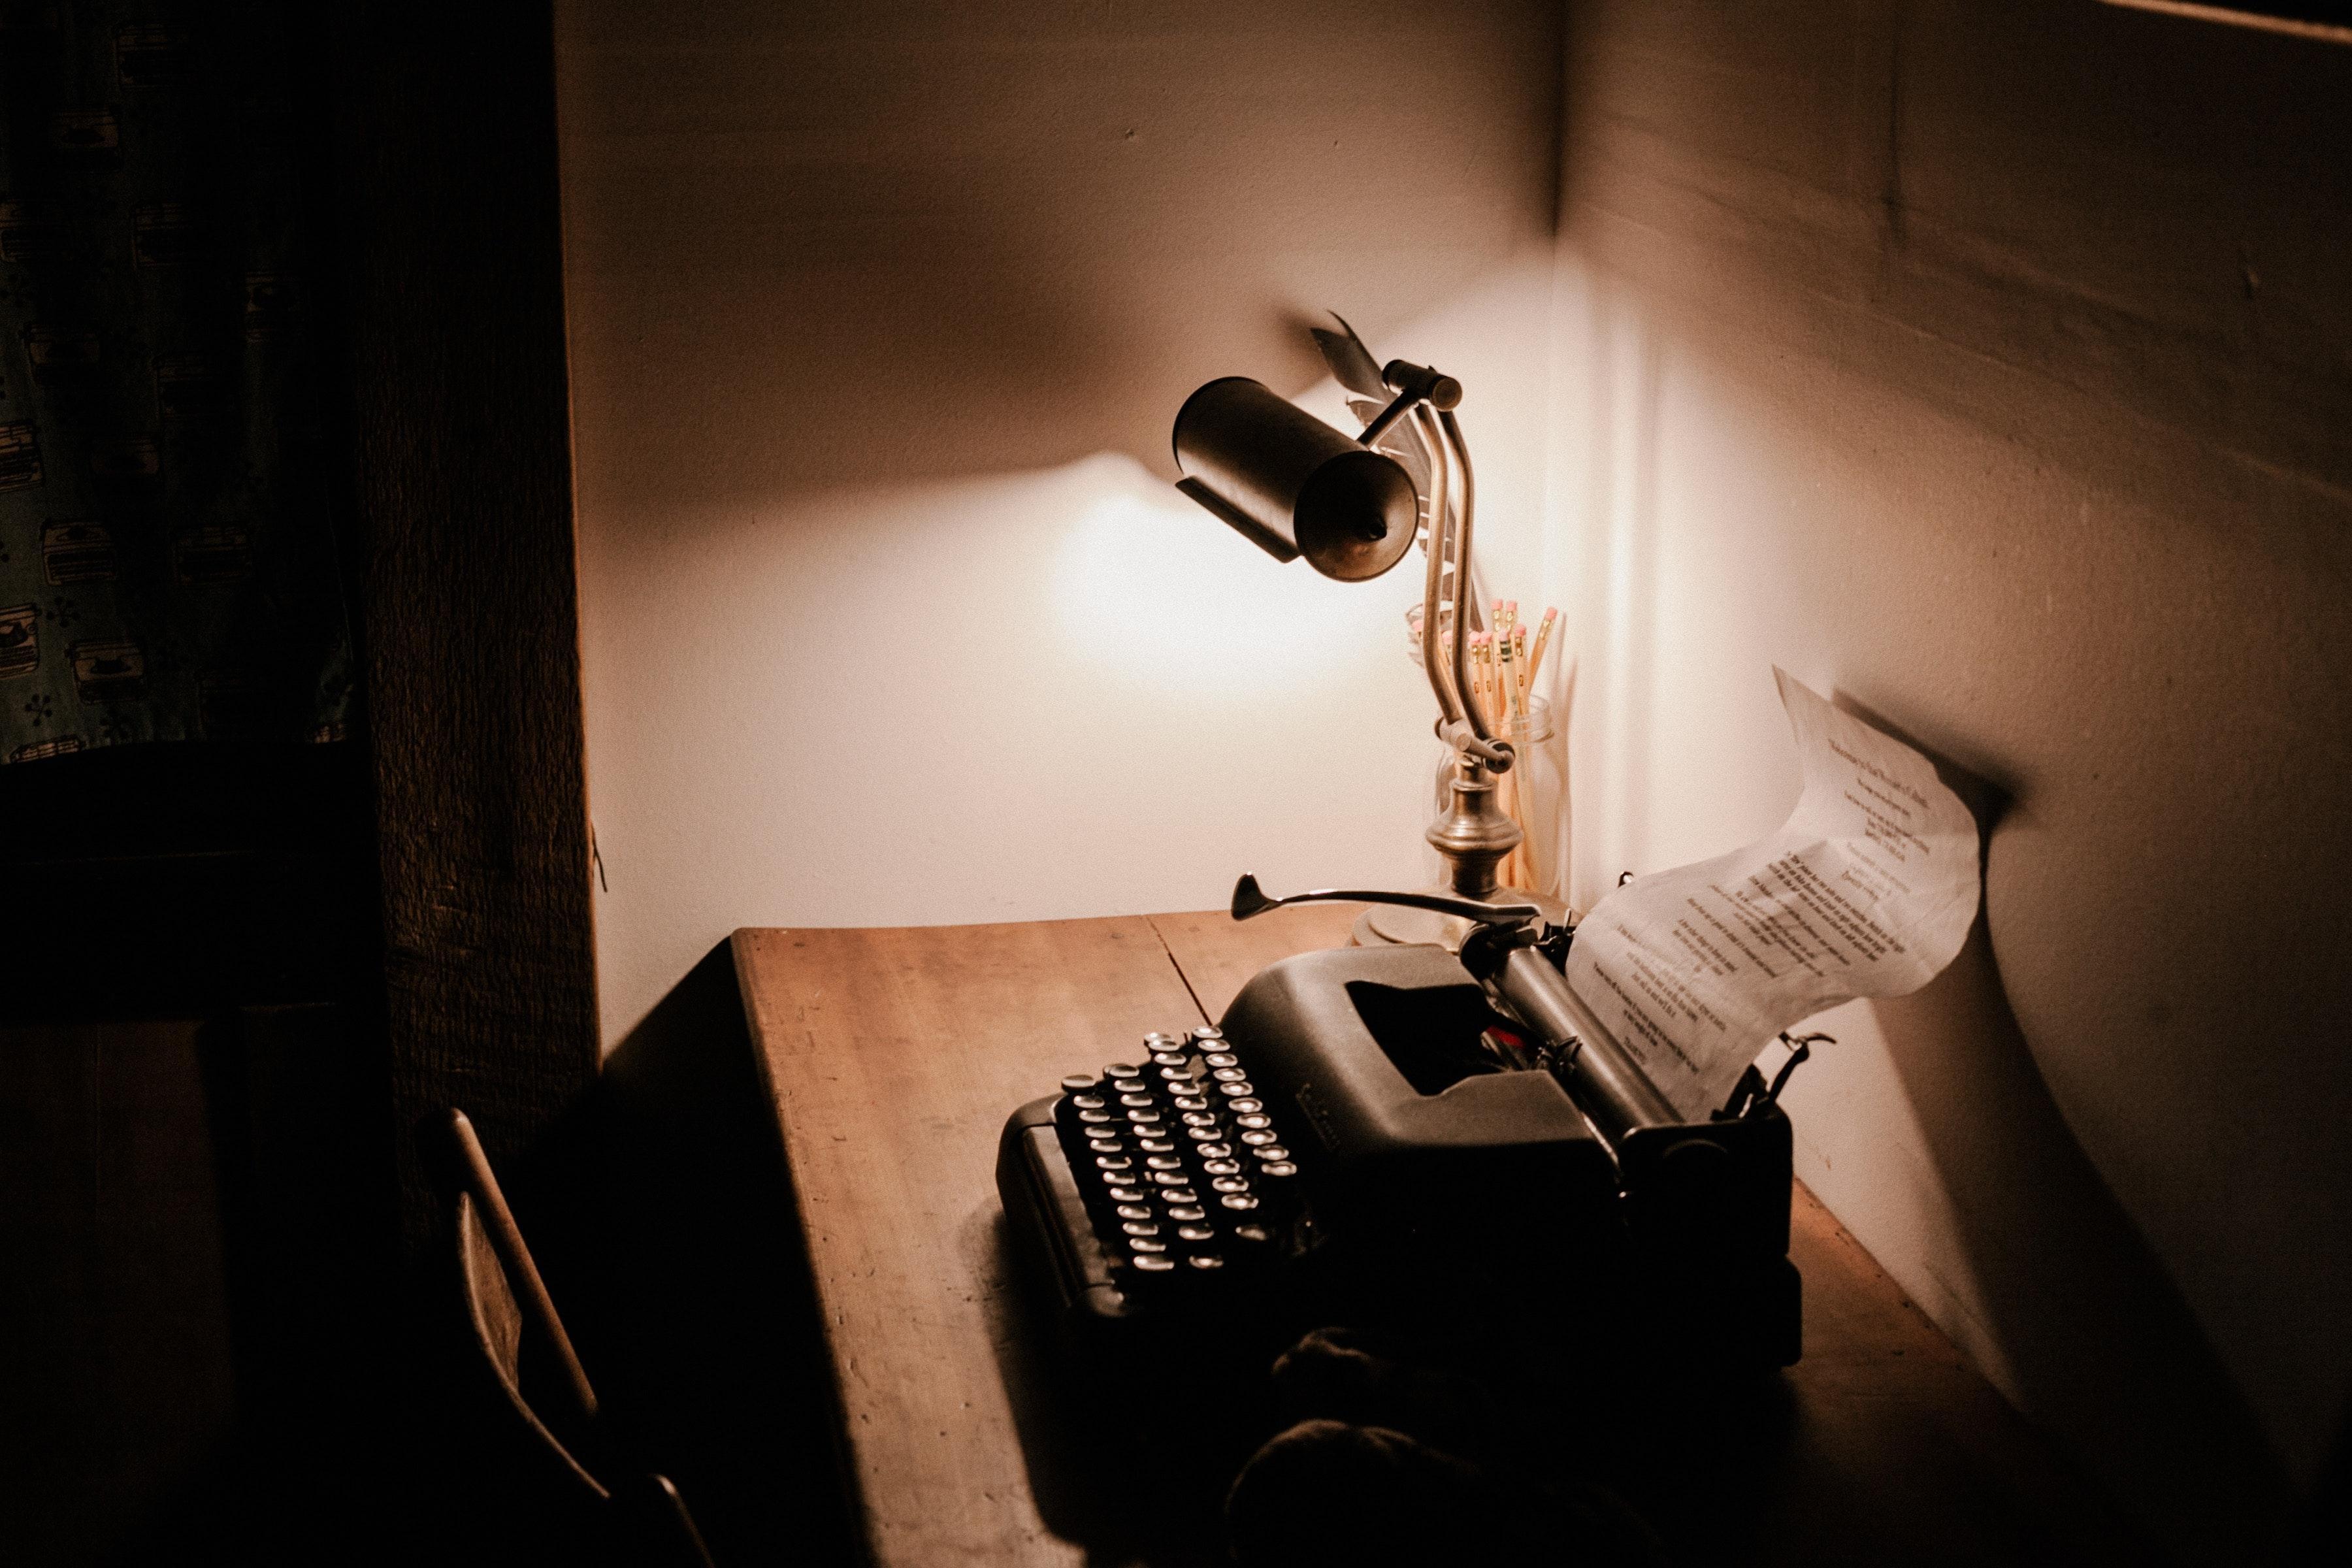 Schreibmaschine als Symbolbild fuer Wissenschaftsjournalismus